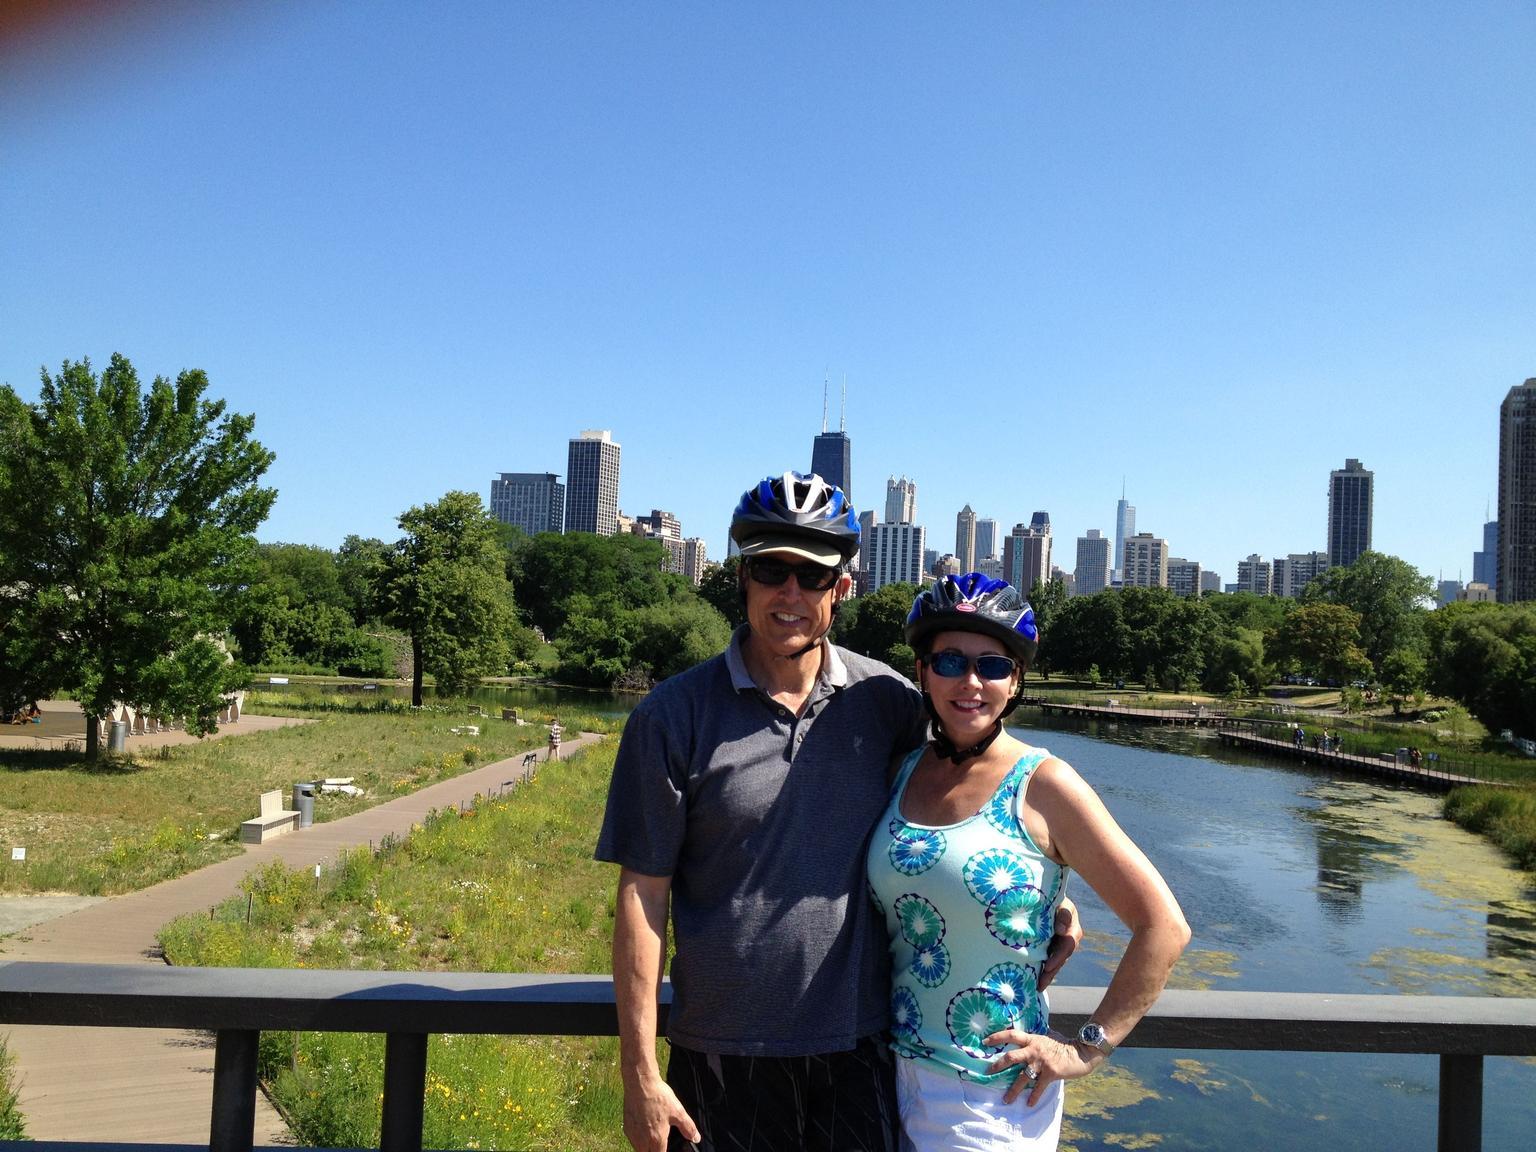 MÁS FOTOS, Excursión en bicicleta por los barrios de Lakefront de Chicago